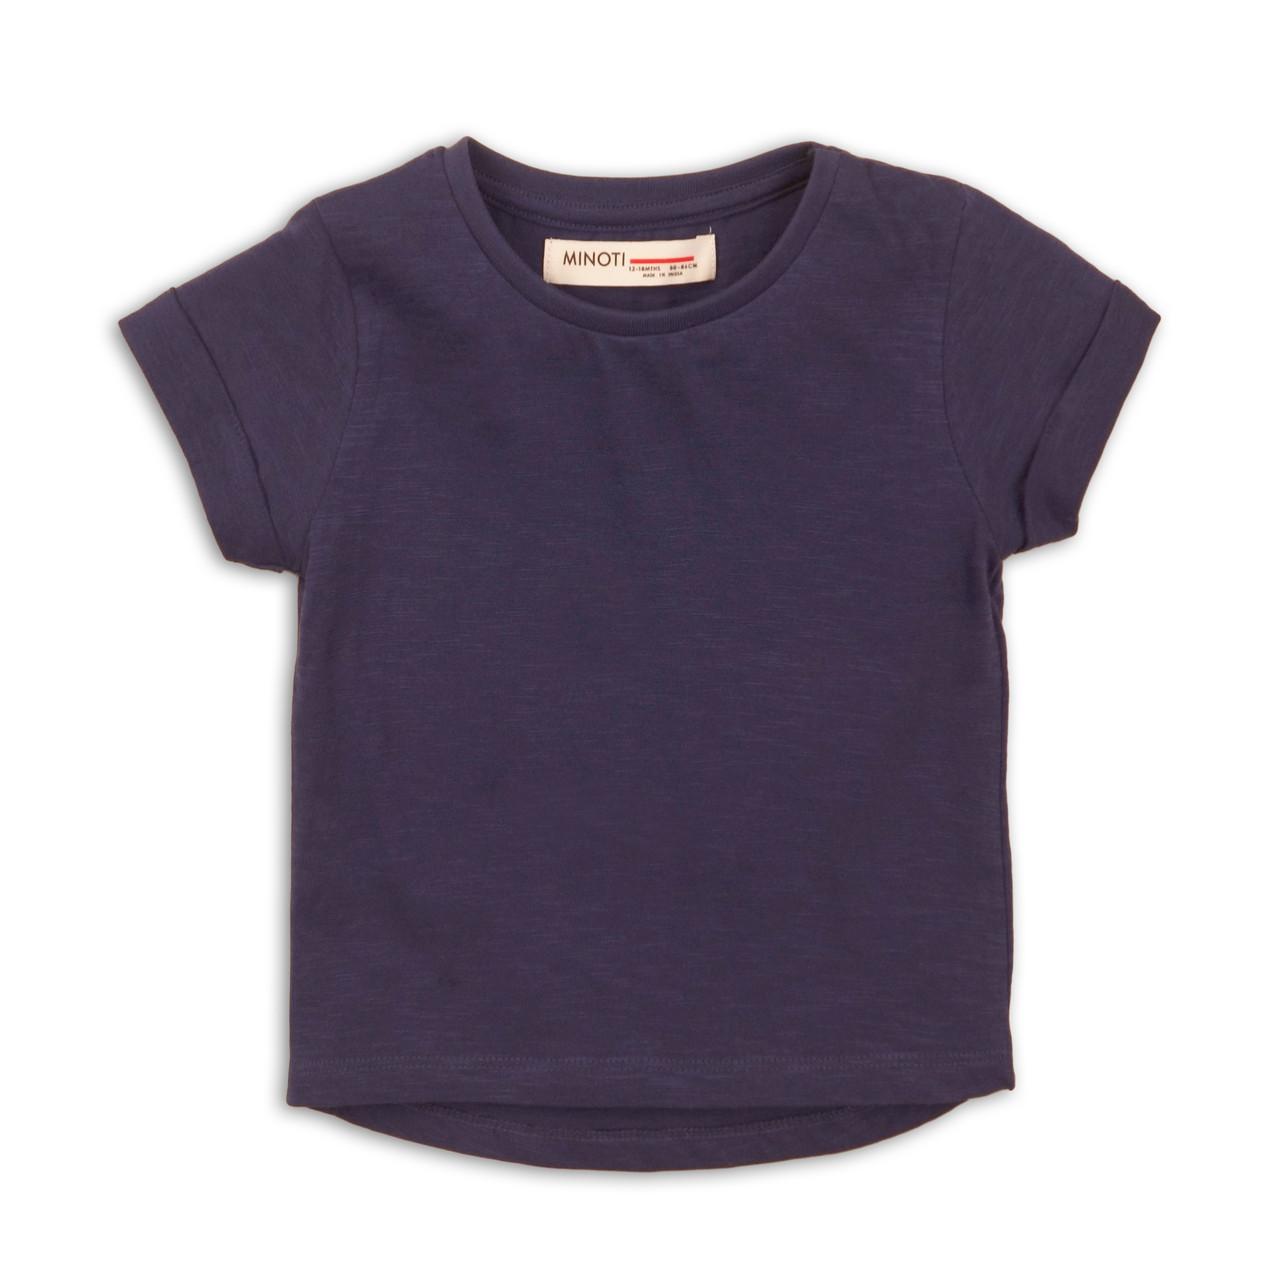 Детская футболка для девочки темно-синяя 1/3 года 74/98 см, Minoti, 74-80 см